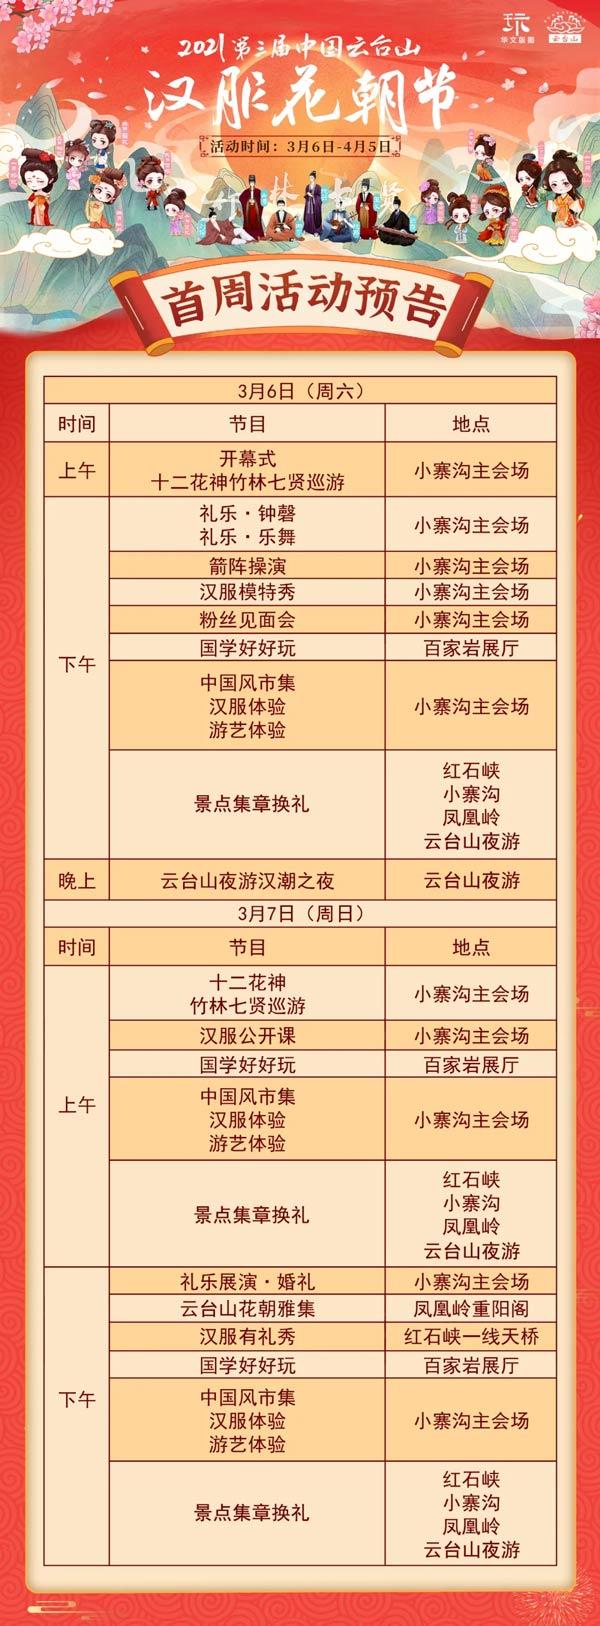 云台山汉服花朝节开幕首周活动内容